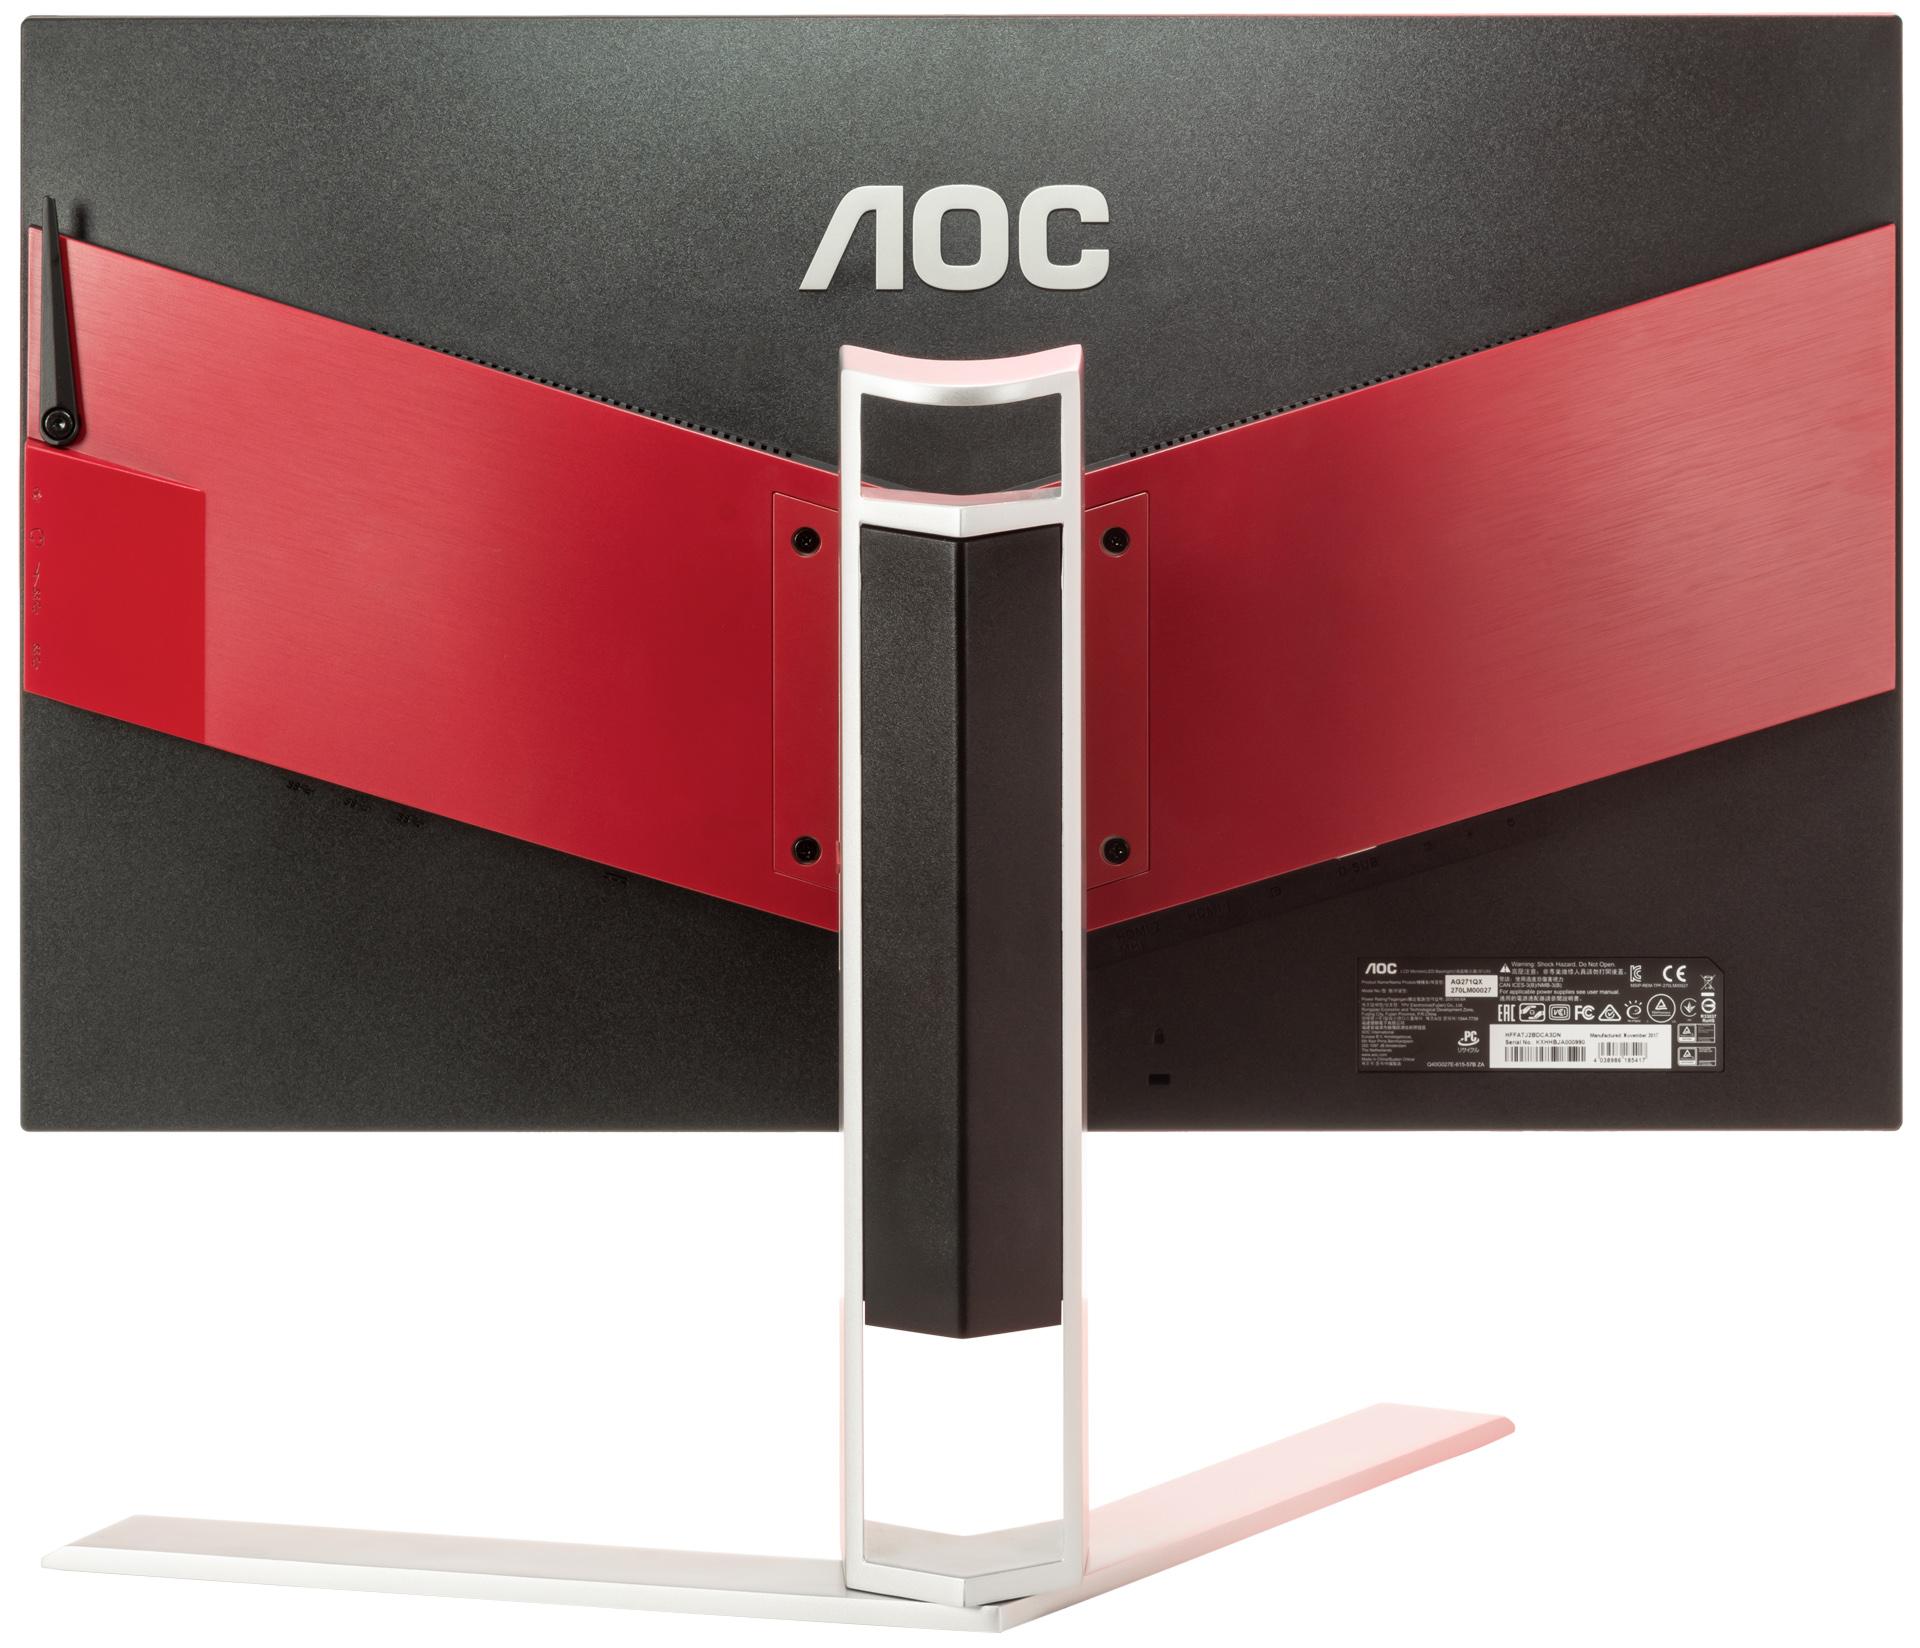 Для виртуальных баталий: обзор игрового монитора AOC AG271QX